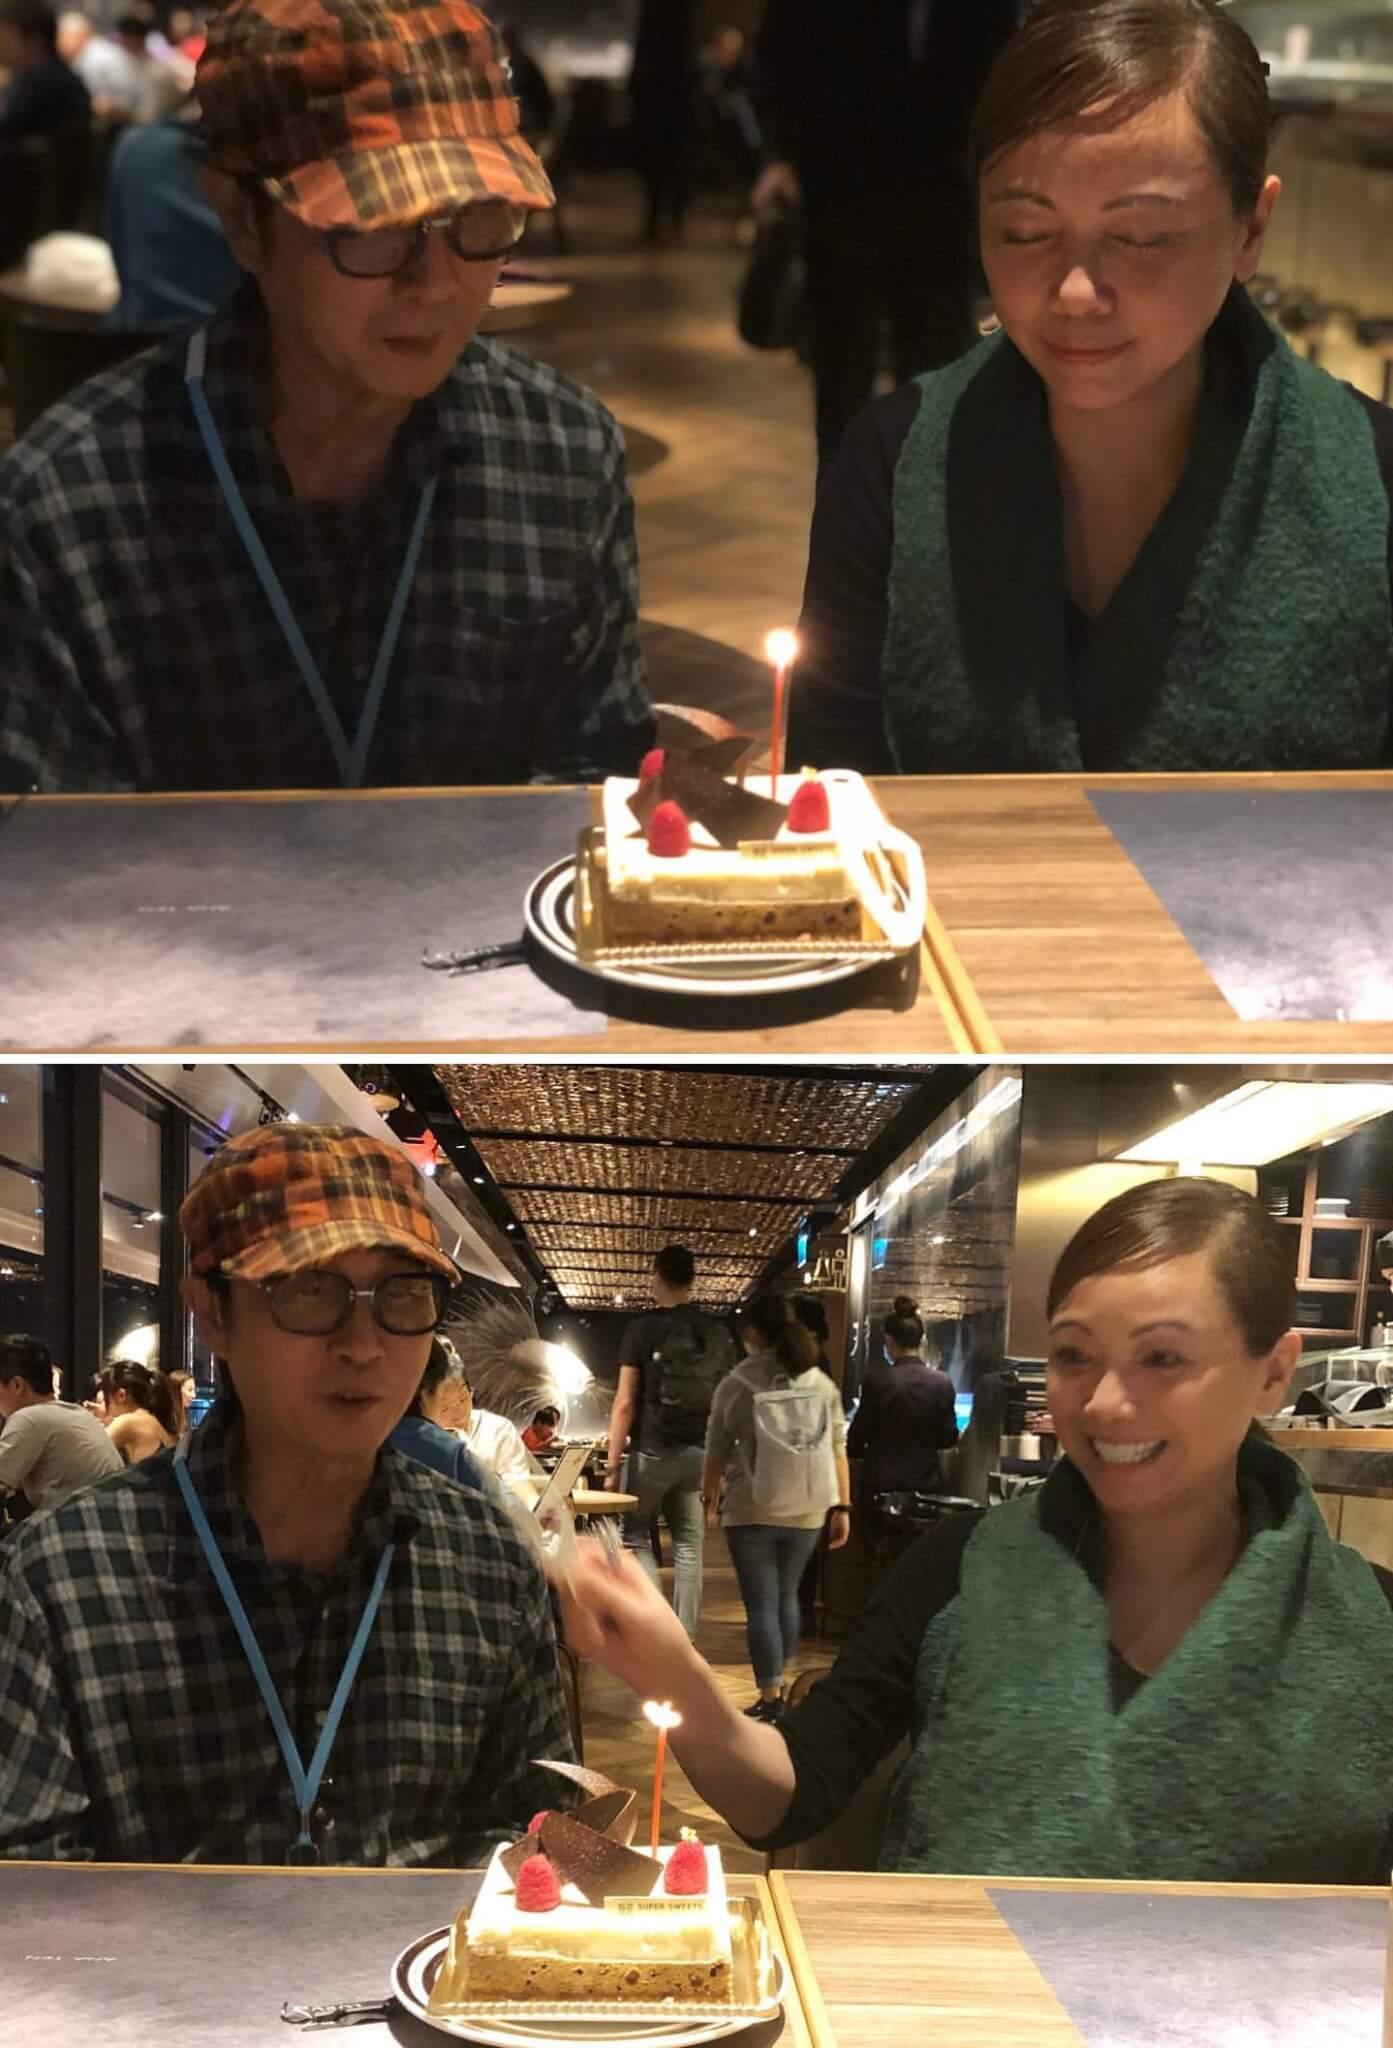 有朋友為雯女慶生,但她特地為松哥補祝生日,並上載一起對着蛋糕許願的照片。